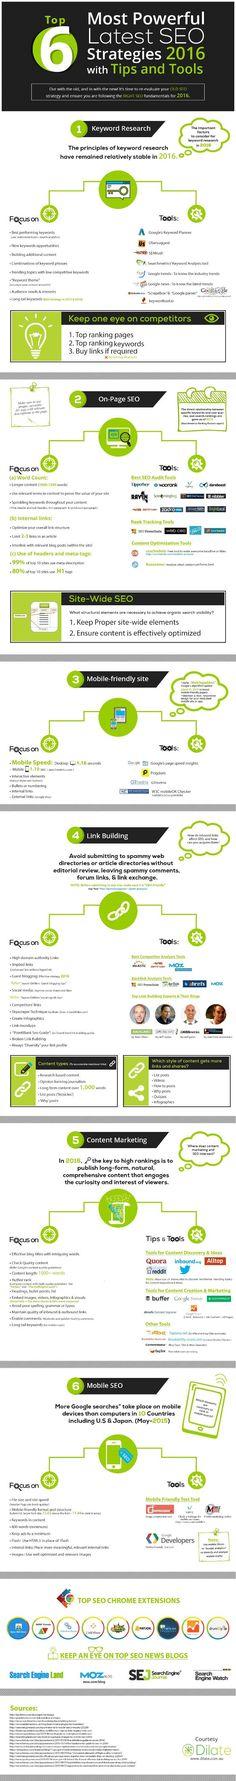 Top 6 Most Powerful SEO Strategies 2016 With Tips And Tools - #infographic Clique aqui http://www.estrategiadigital.pt/ferramentas-de-marketing-digital/ e confira agora mesmo as nossas recomendações de Ferramentas de Marketing Digital